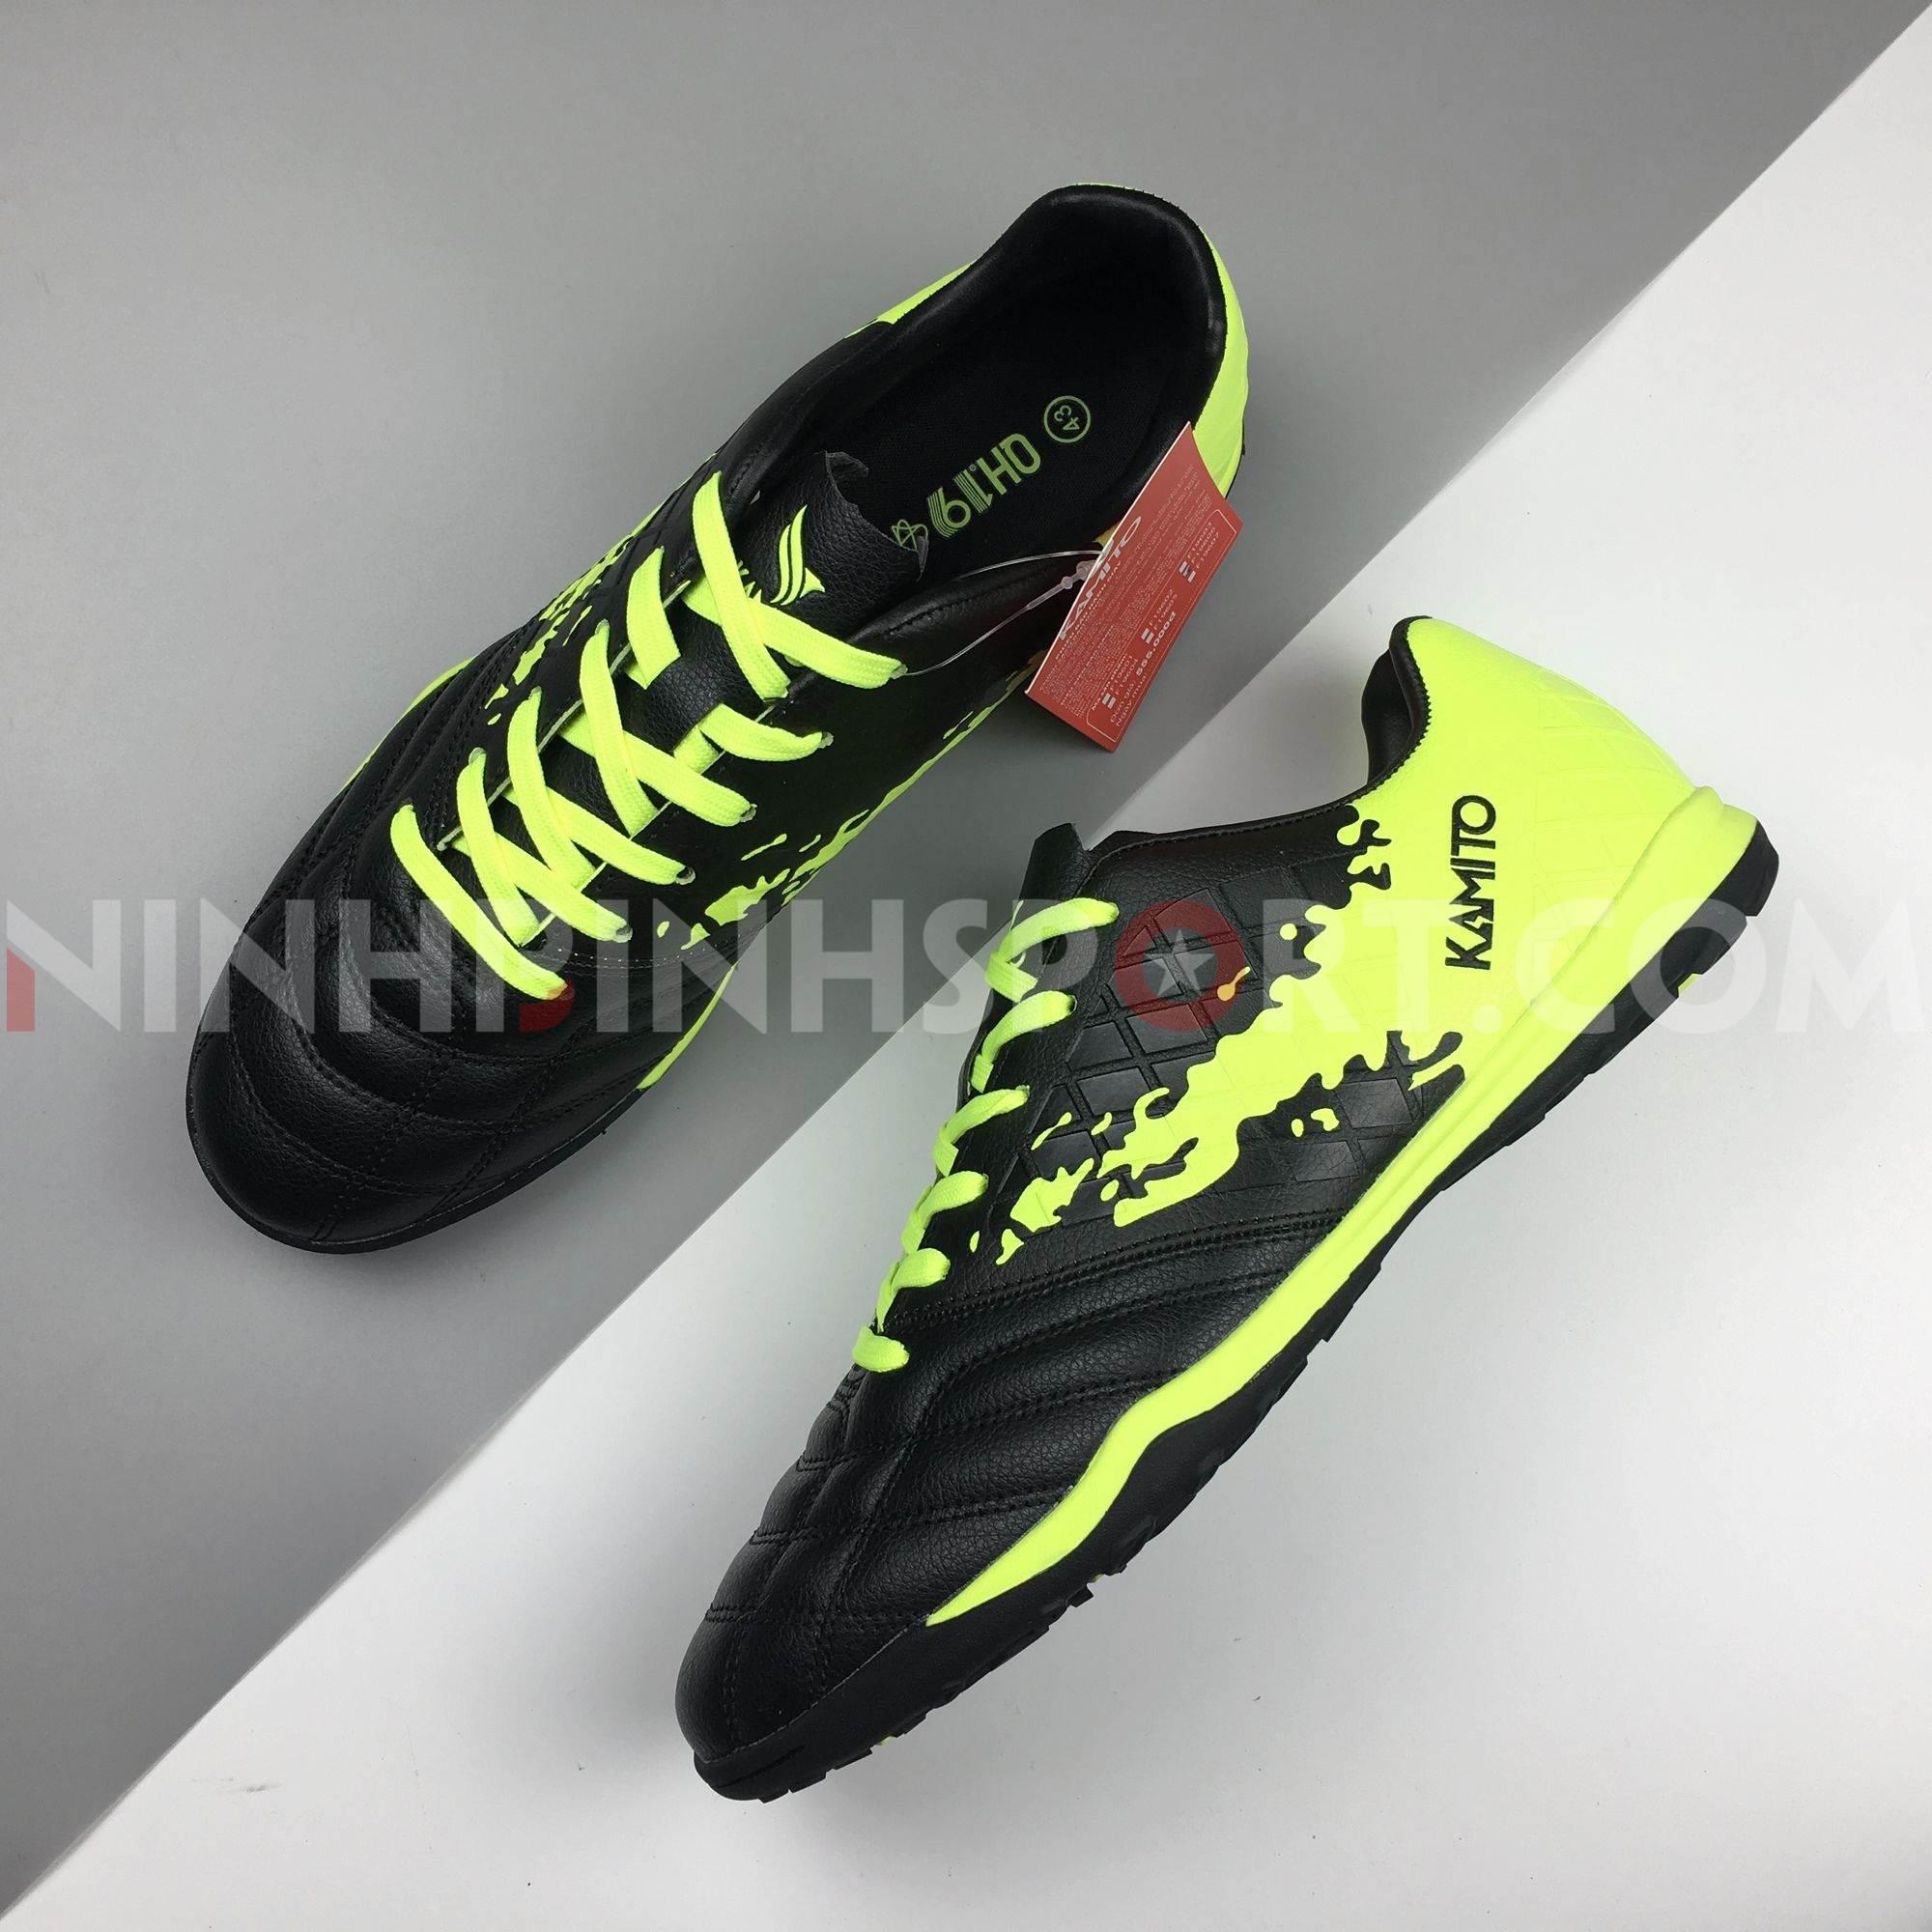 Giày bóng đá nam Kamito QH19 Premium Pack F19606